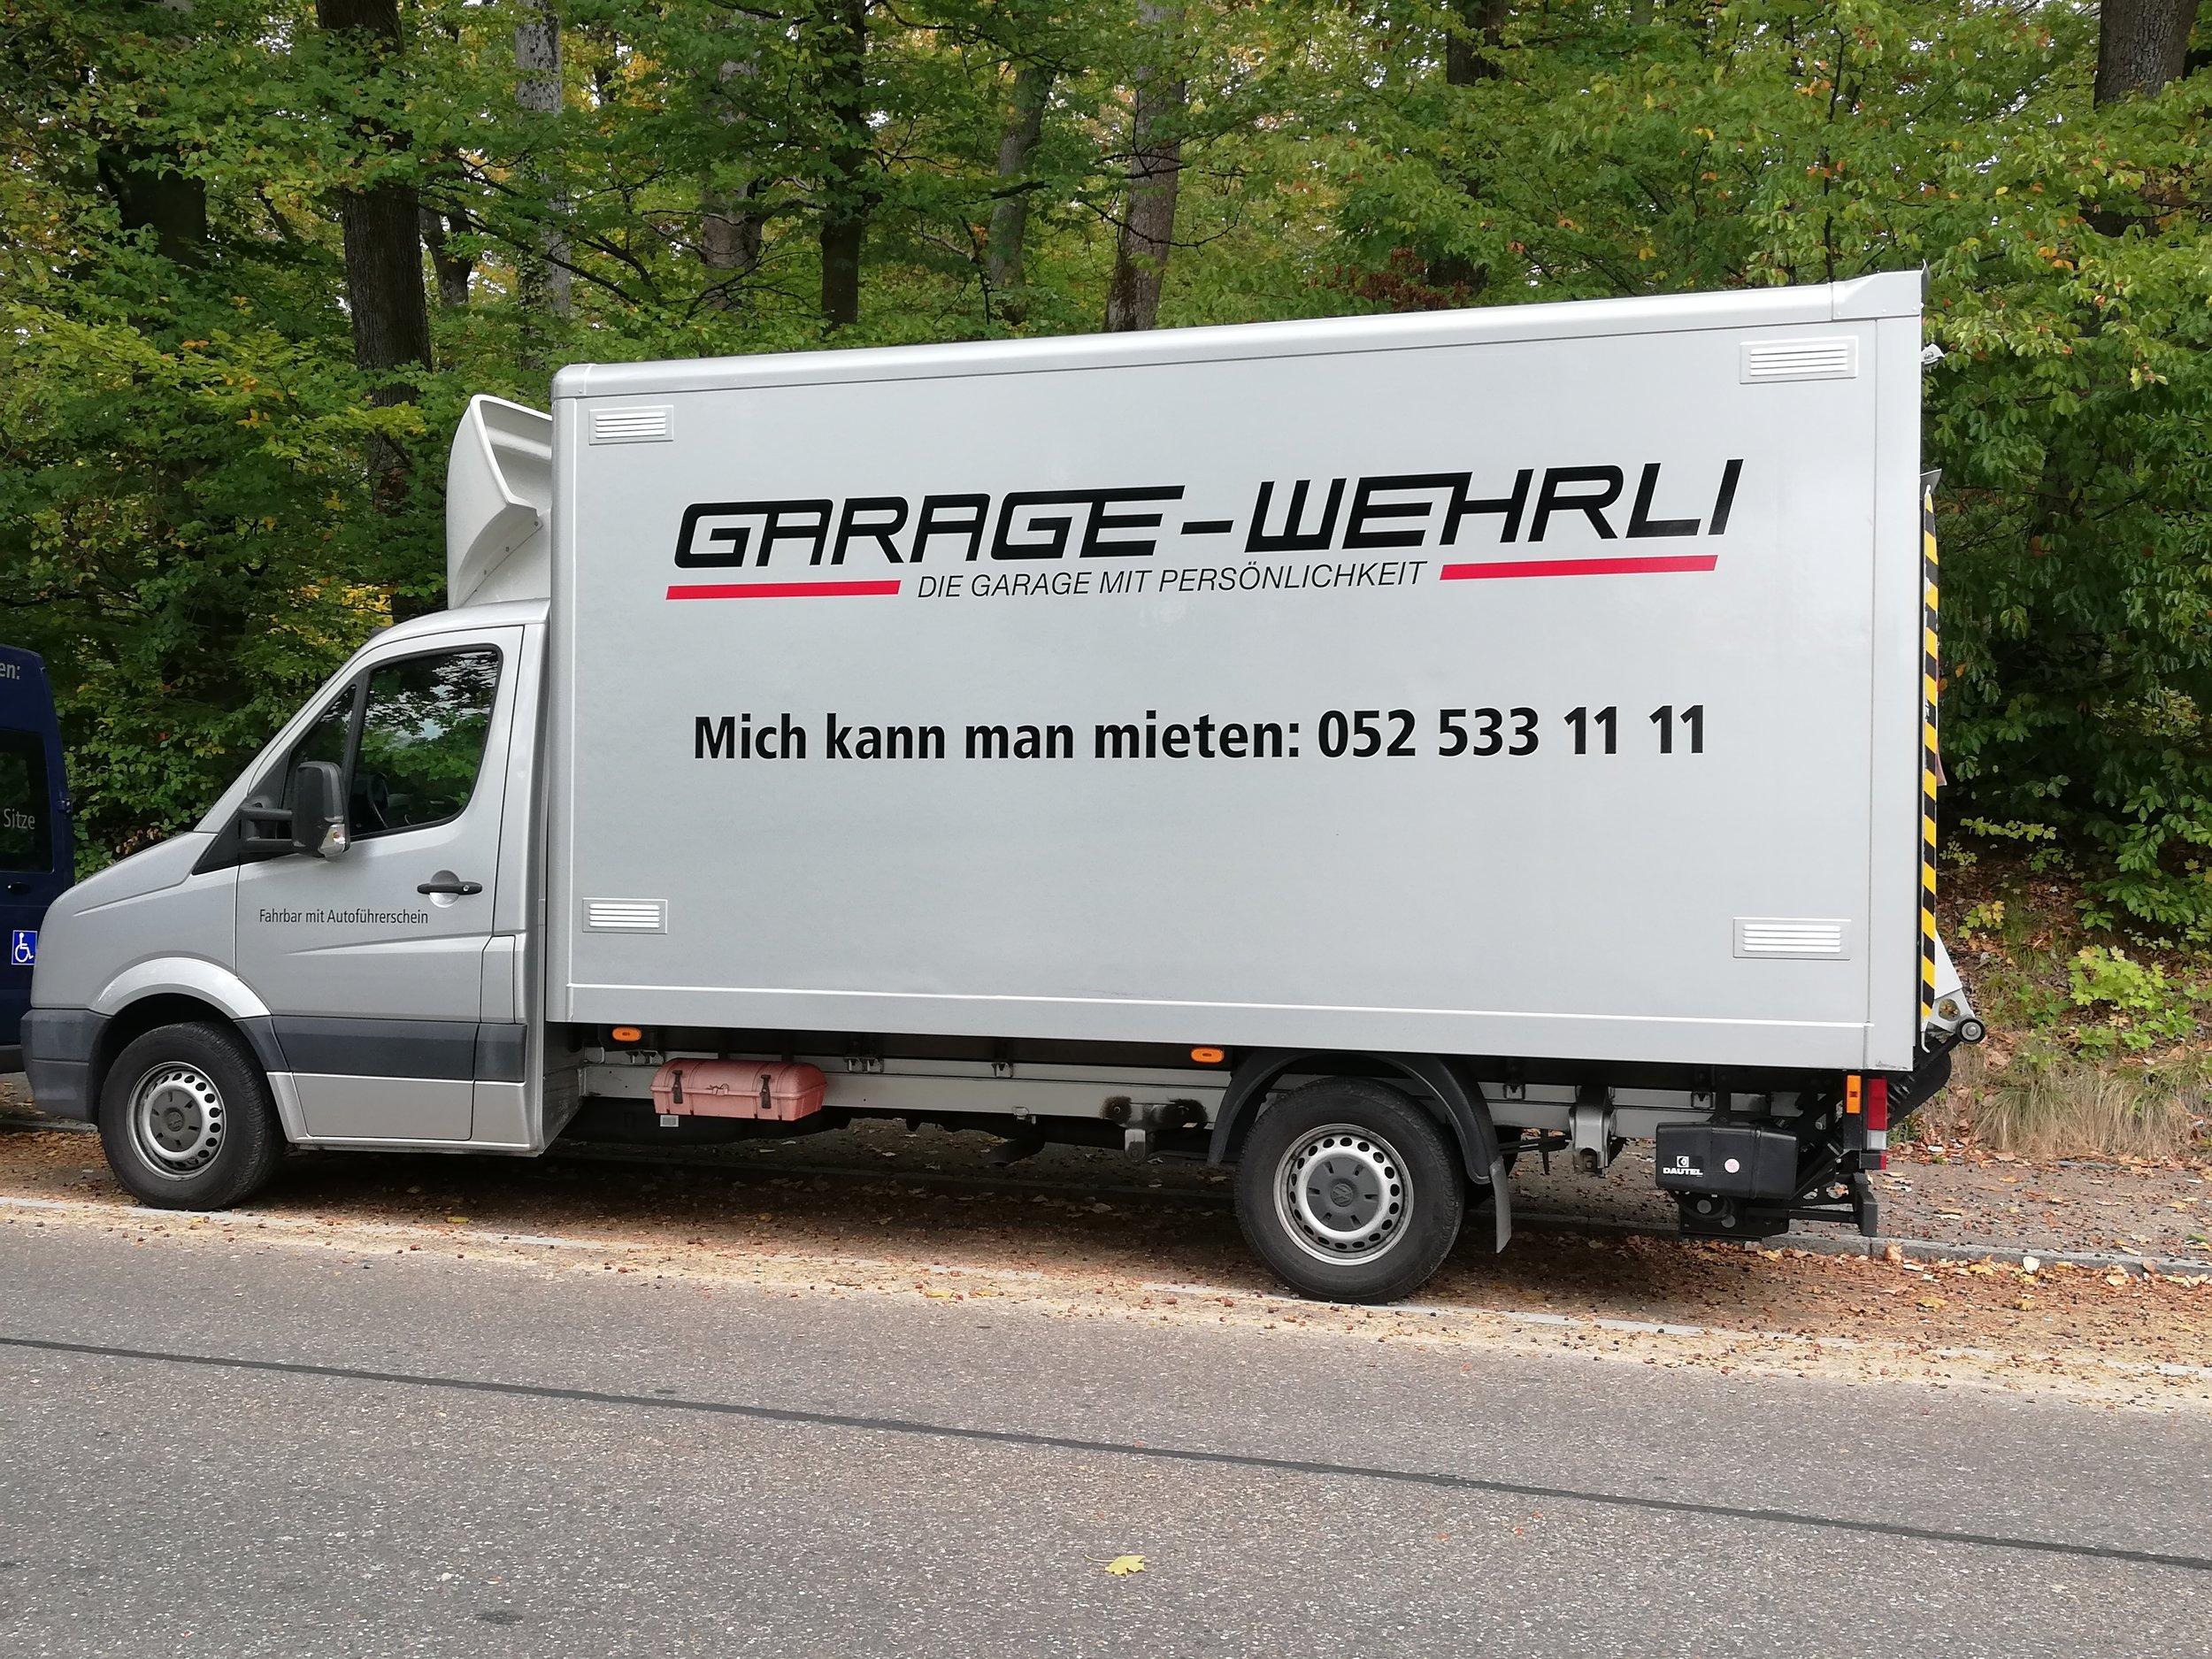 VW Crafter Truck   -  ideal für Umzüge  -  Hebebühne 750 kg Hubkraft  -  100 km frei, 1.-Fr pro weiterer km  -  fahrbar mit dem Autoführerschein    Fr. 190.- pro Tag*